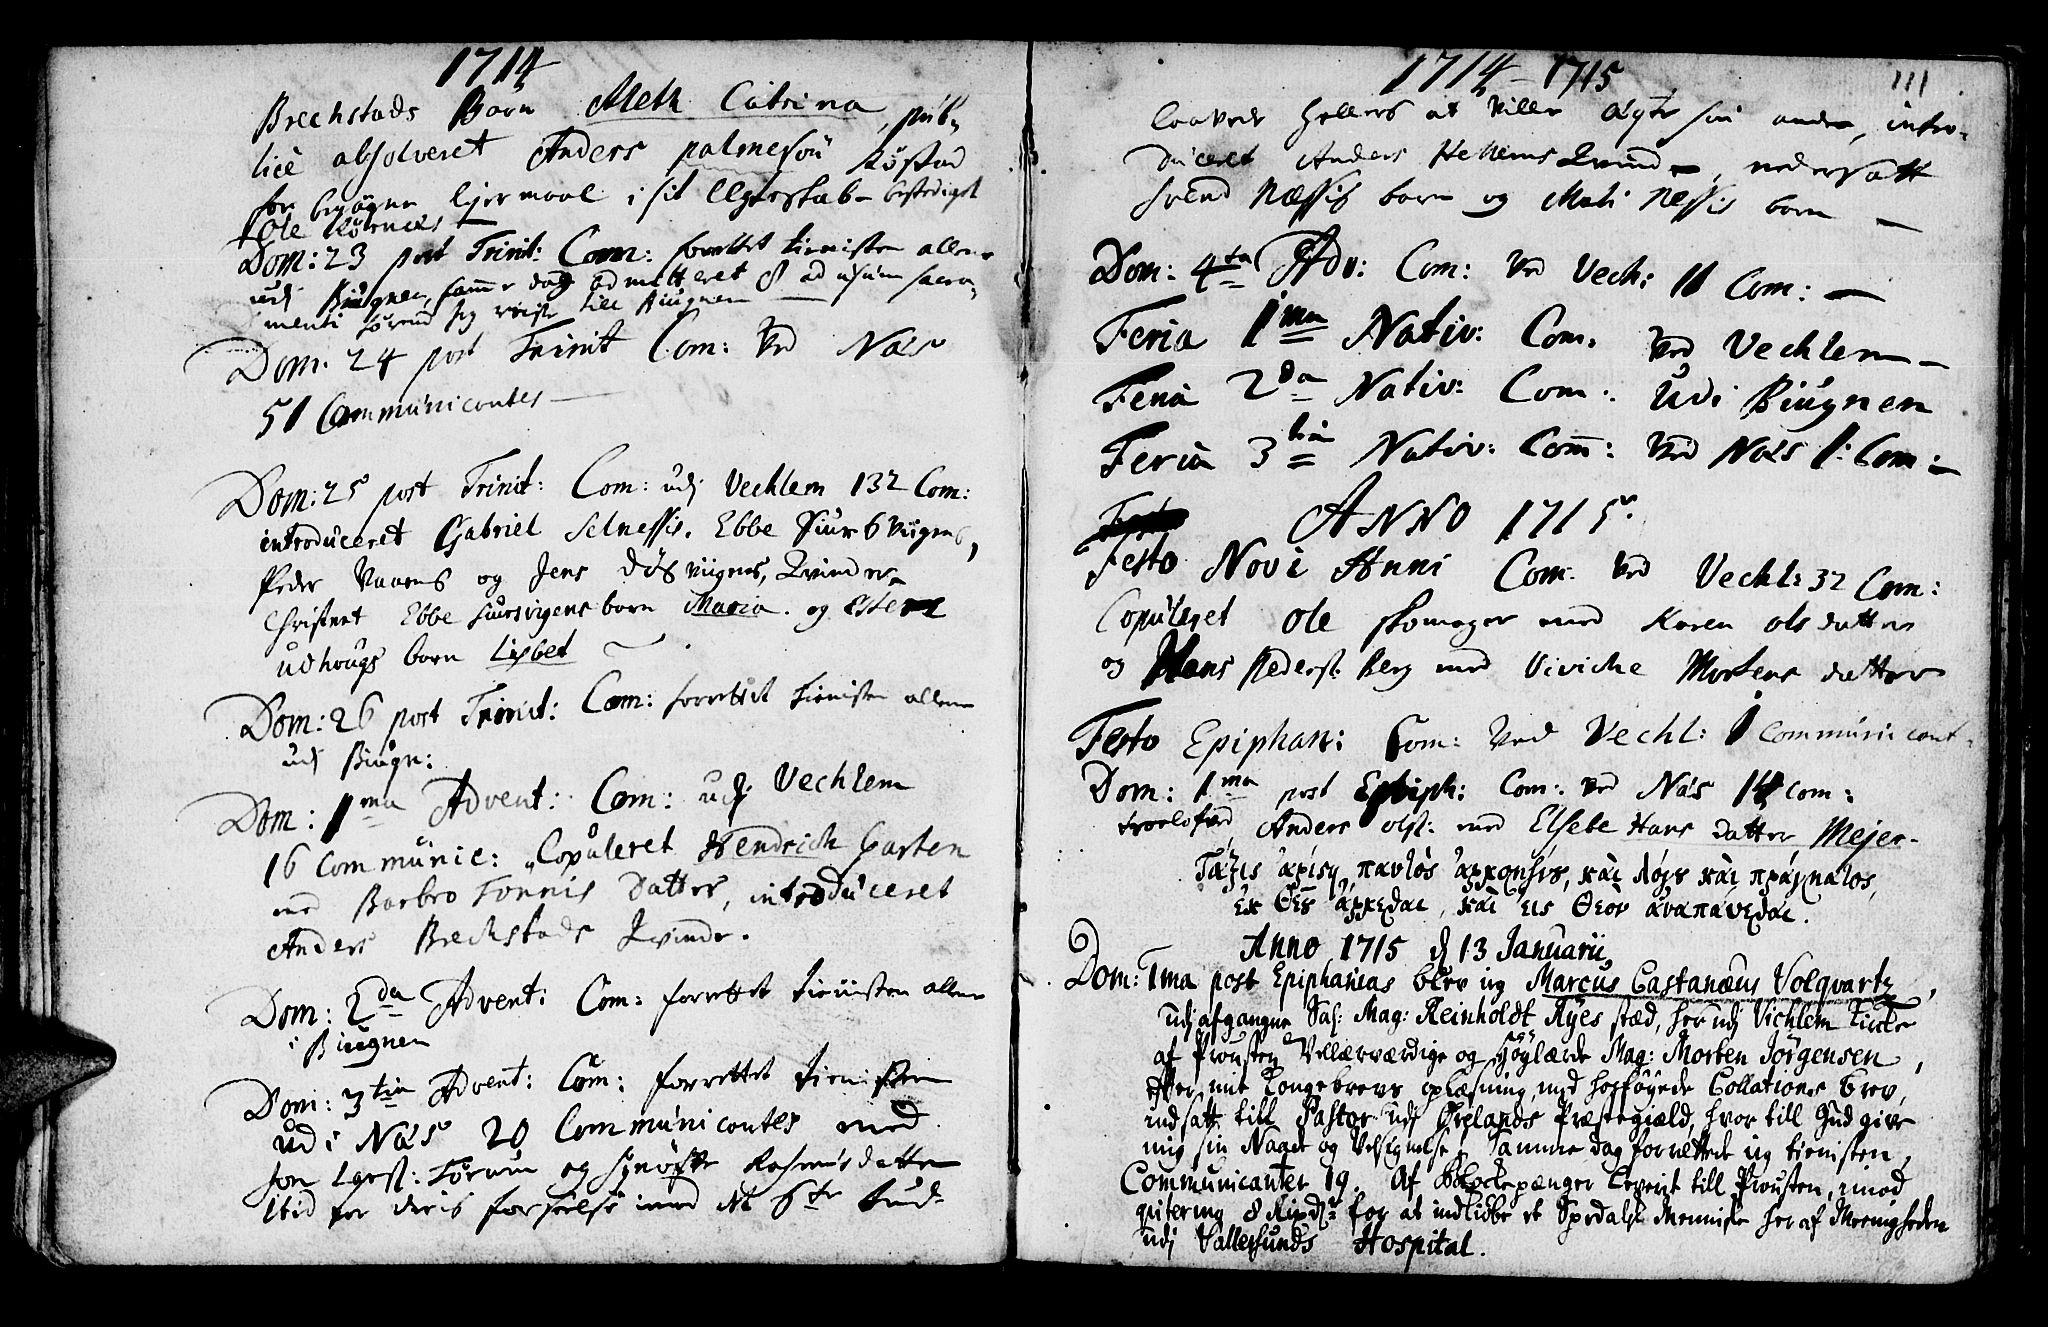 SAT, Ministerialprotokoller, klokkerbøker og fødselsregistre - Sør-Trøndelag, 659/L0731: Ministerialbok nr. 659A01, 1709-1731, s. 110-111